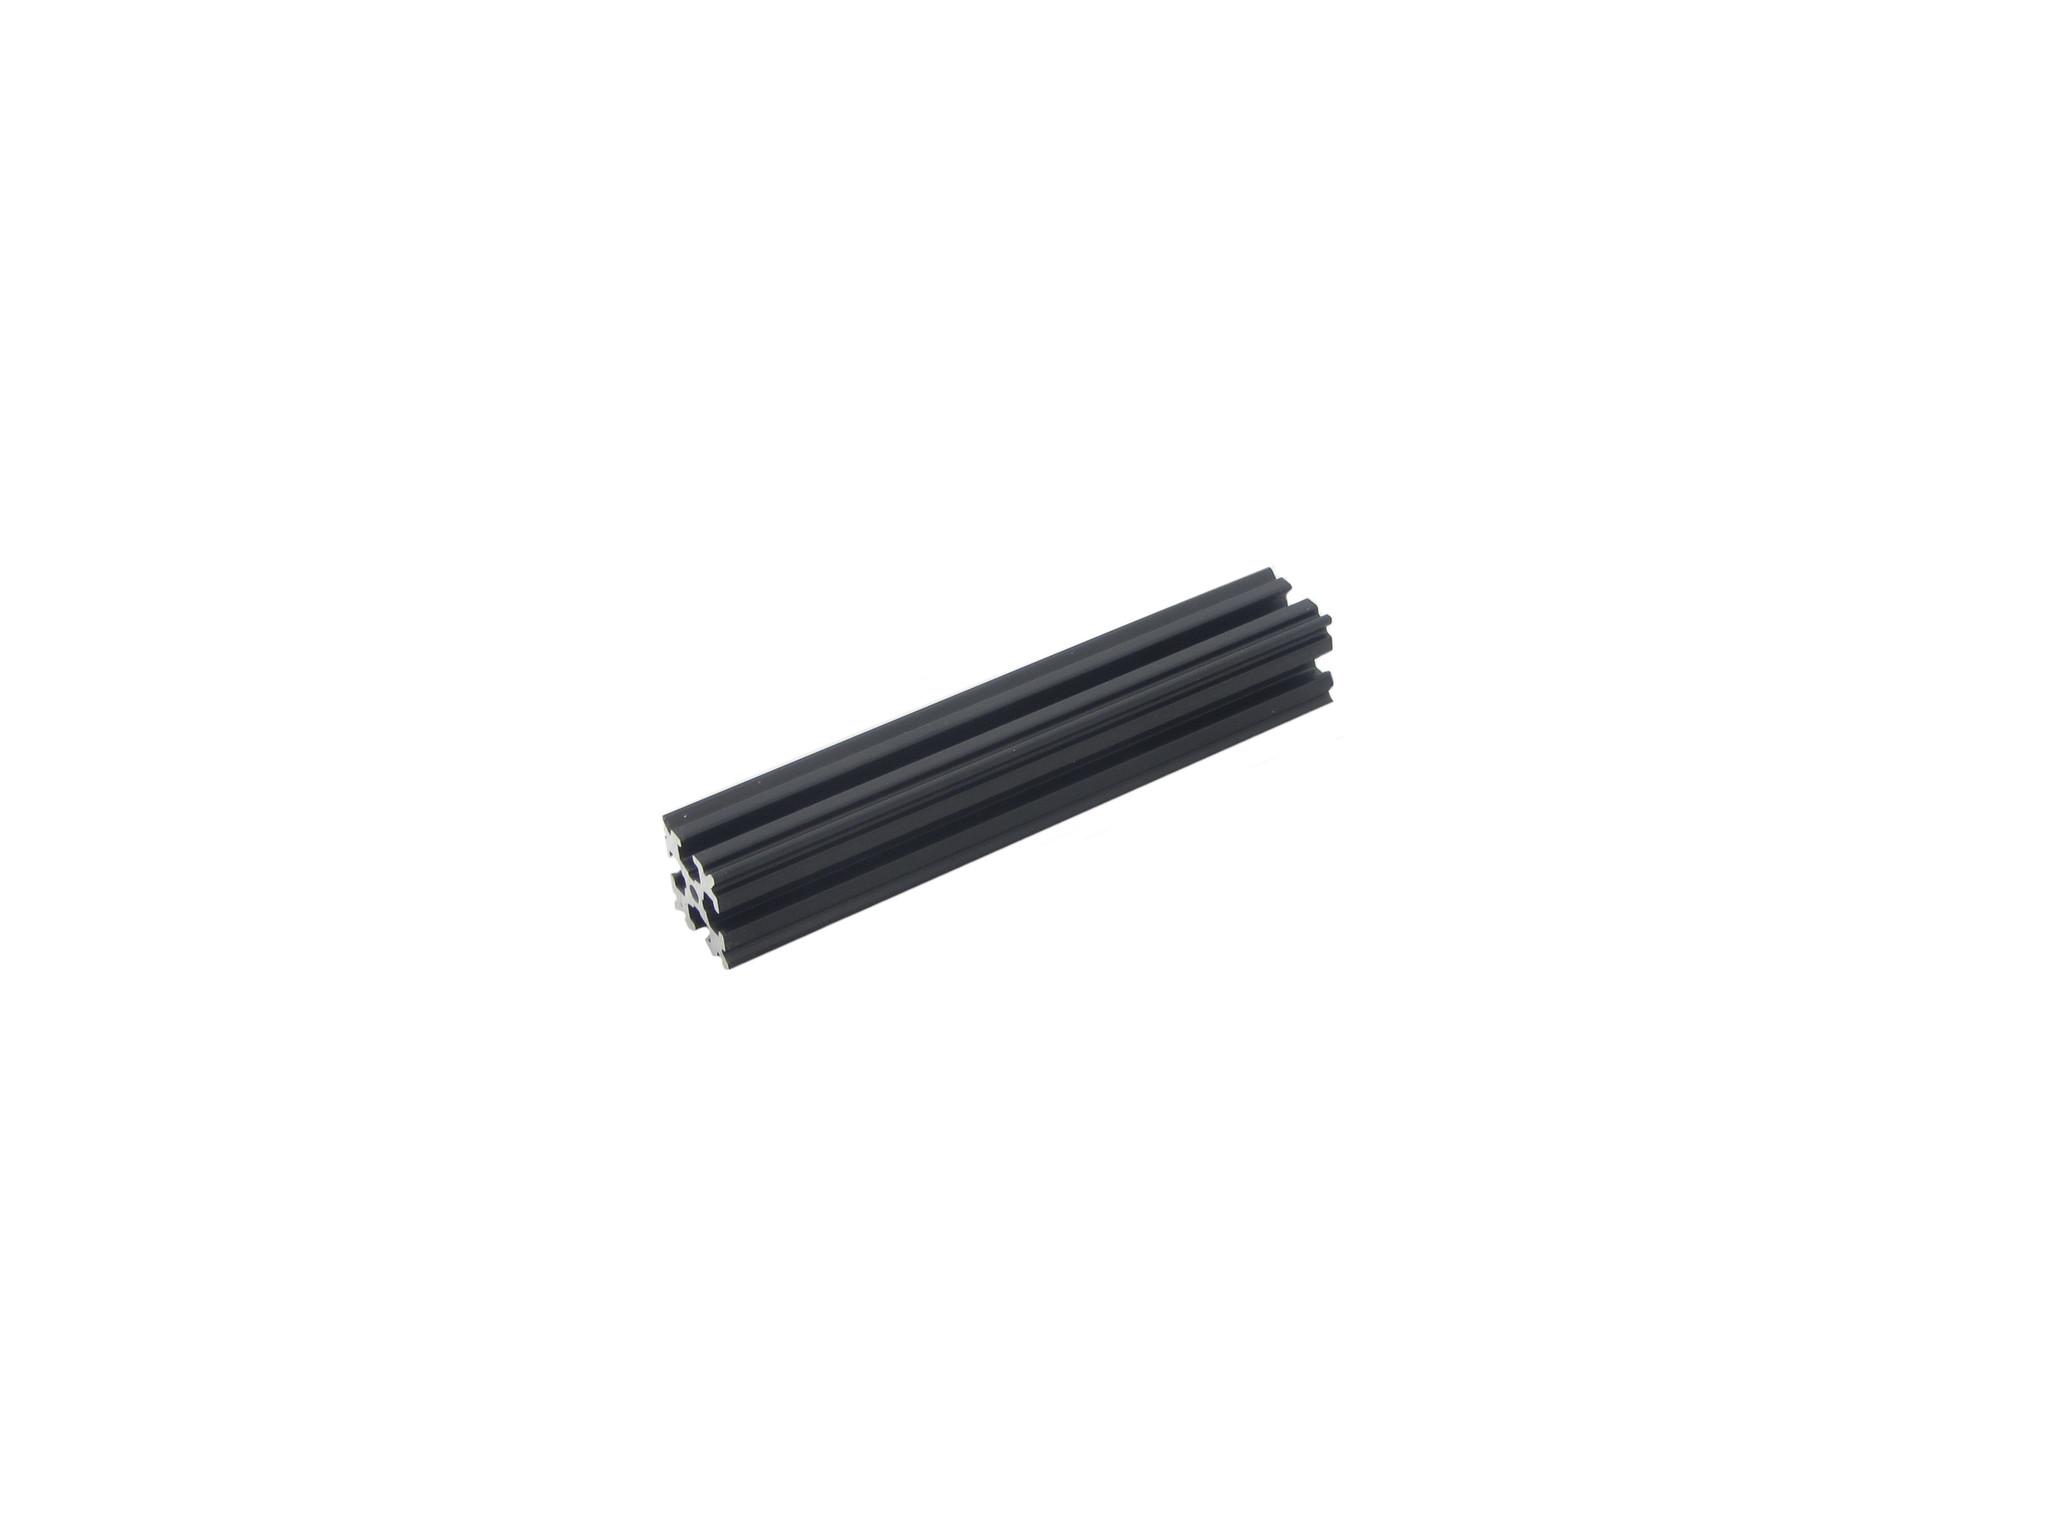 OpenBeam - 15x15mm aluminum profile 4 pieces of 90mm black anodised OpenBeam